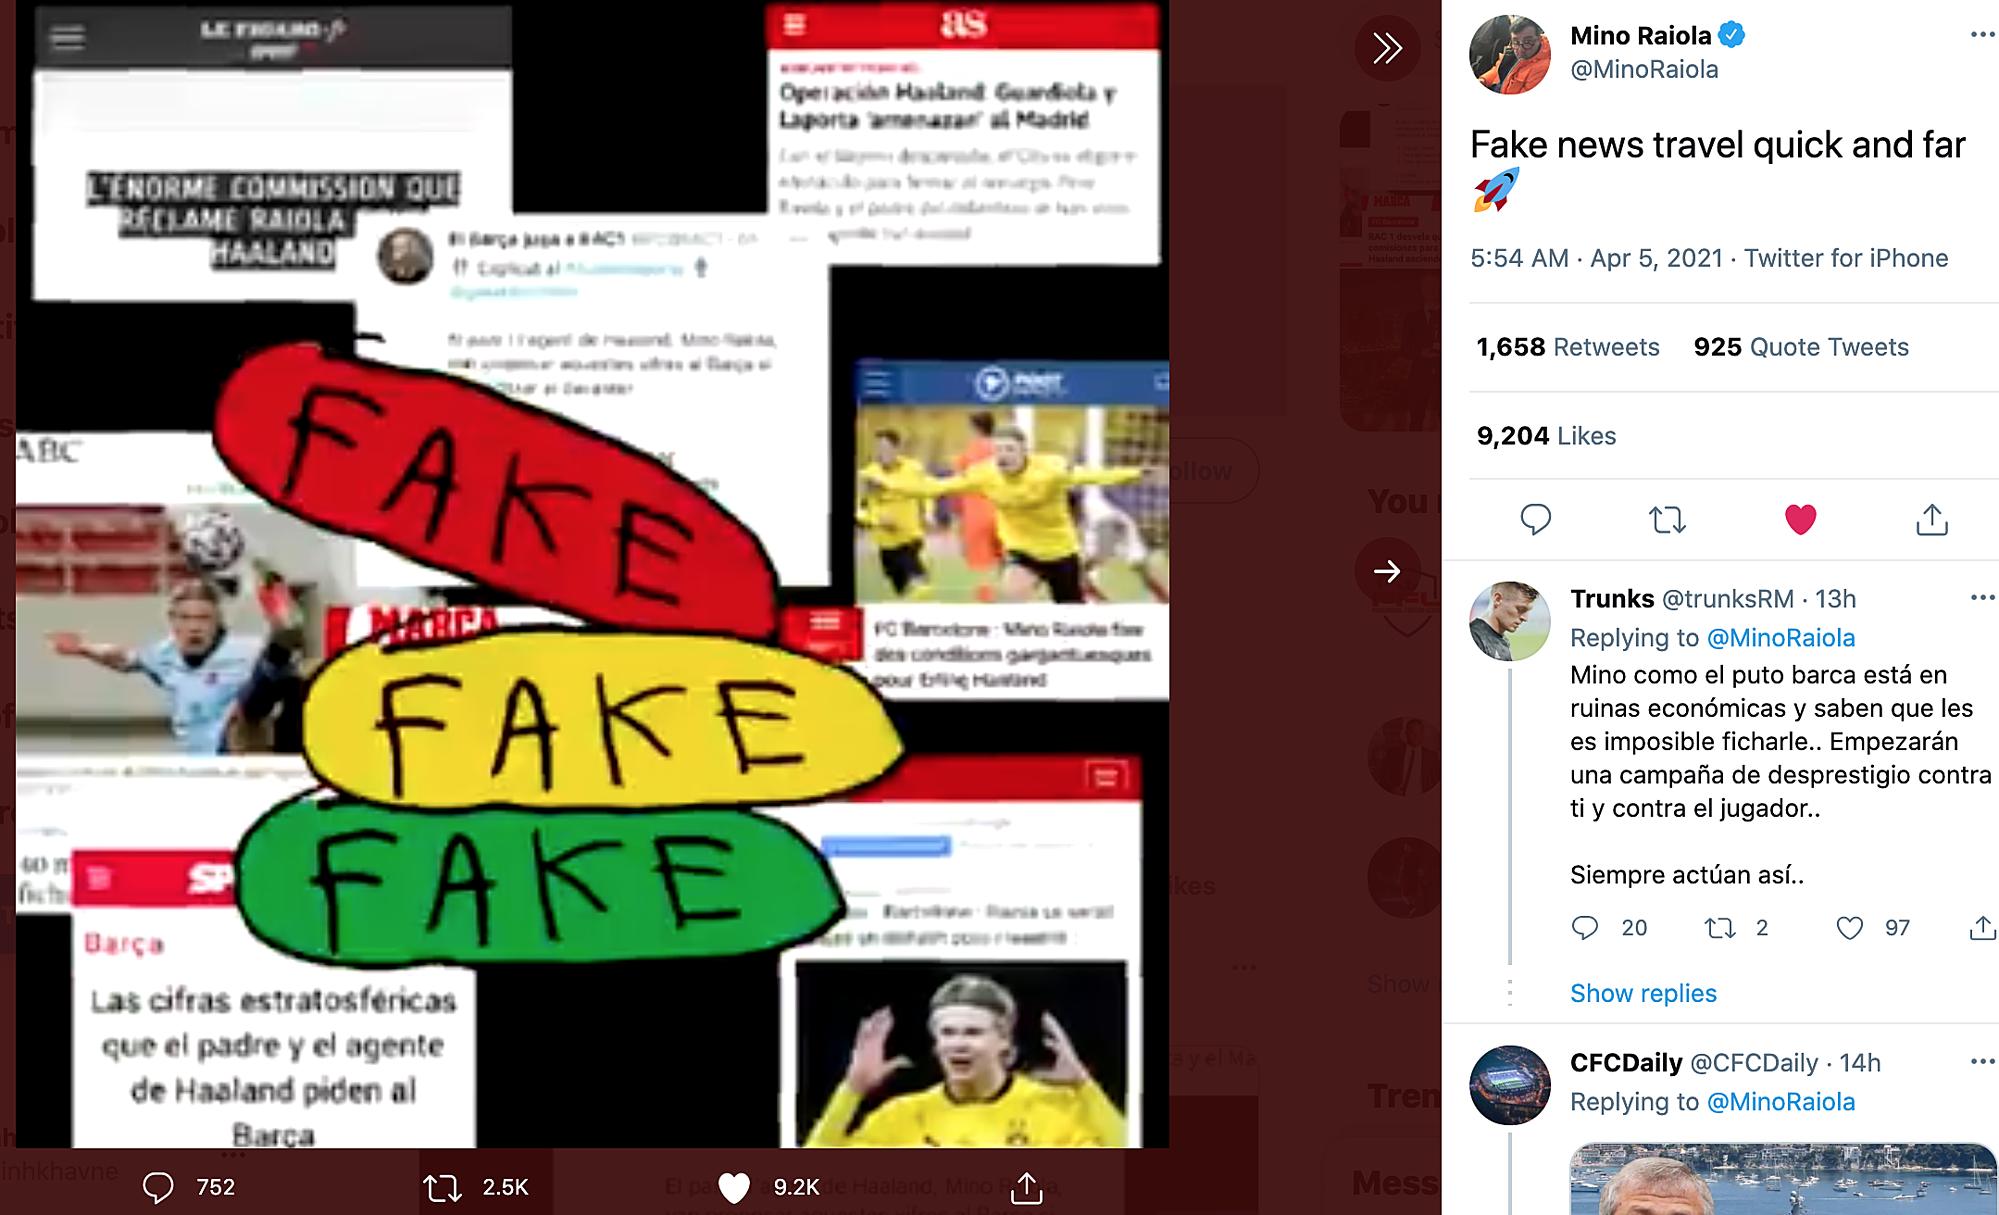 Dòng tweet của Raiola phủ nhận các tin đồn về Haaland gần đây.